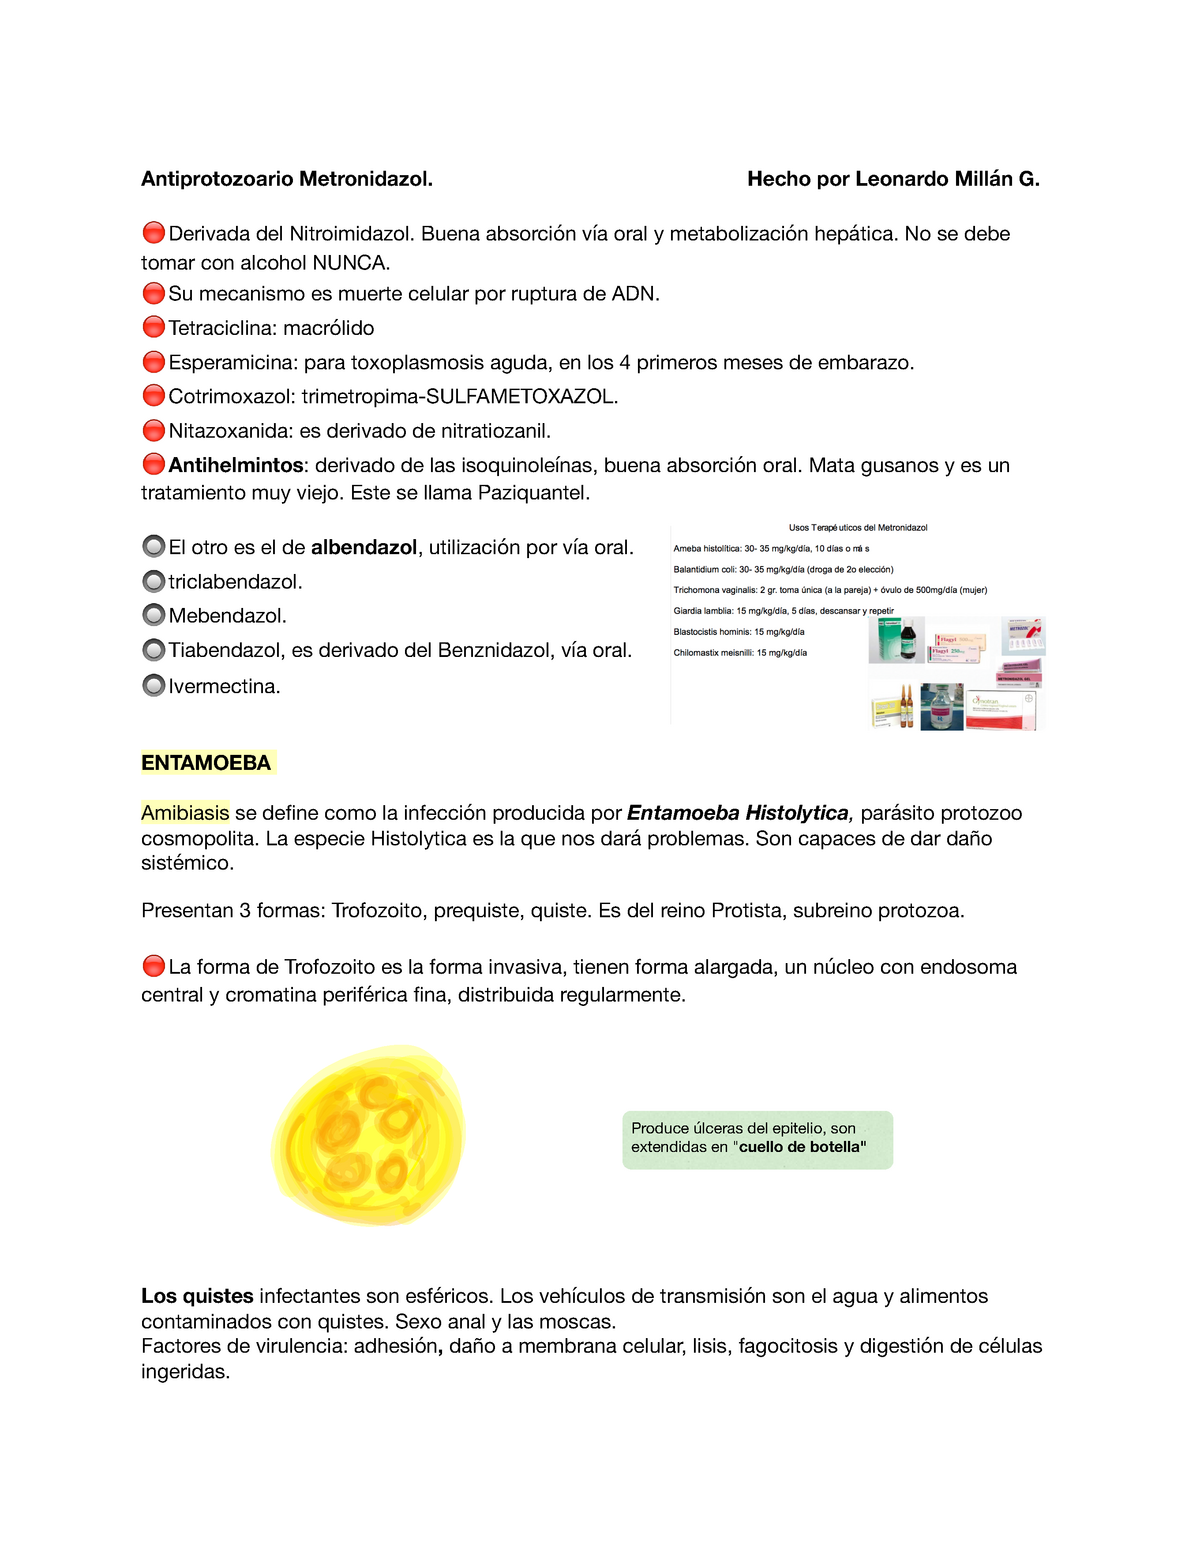 oxiuros tratamiento nitazoxanida)